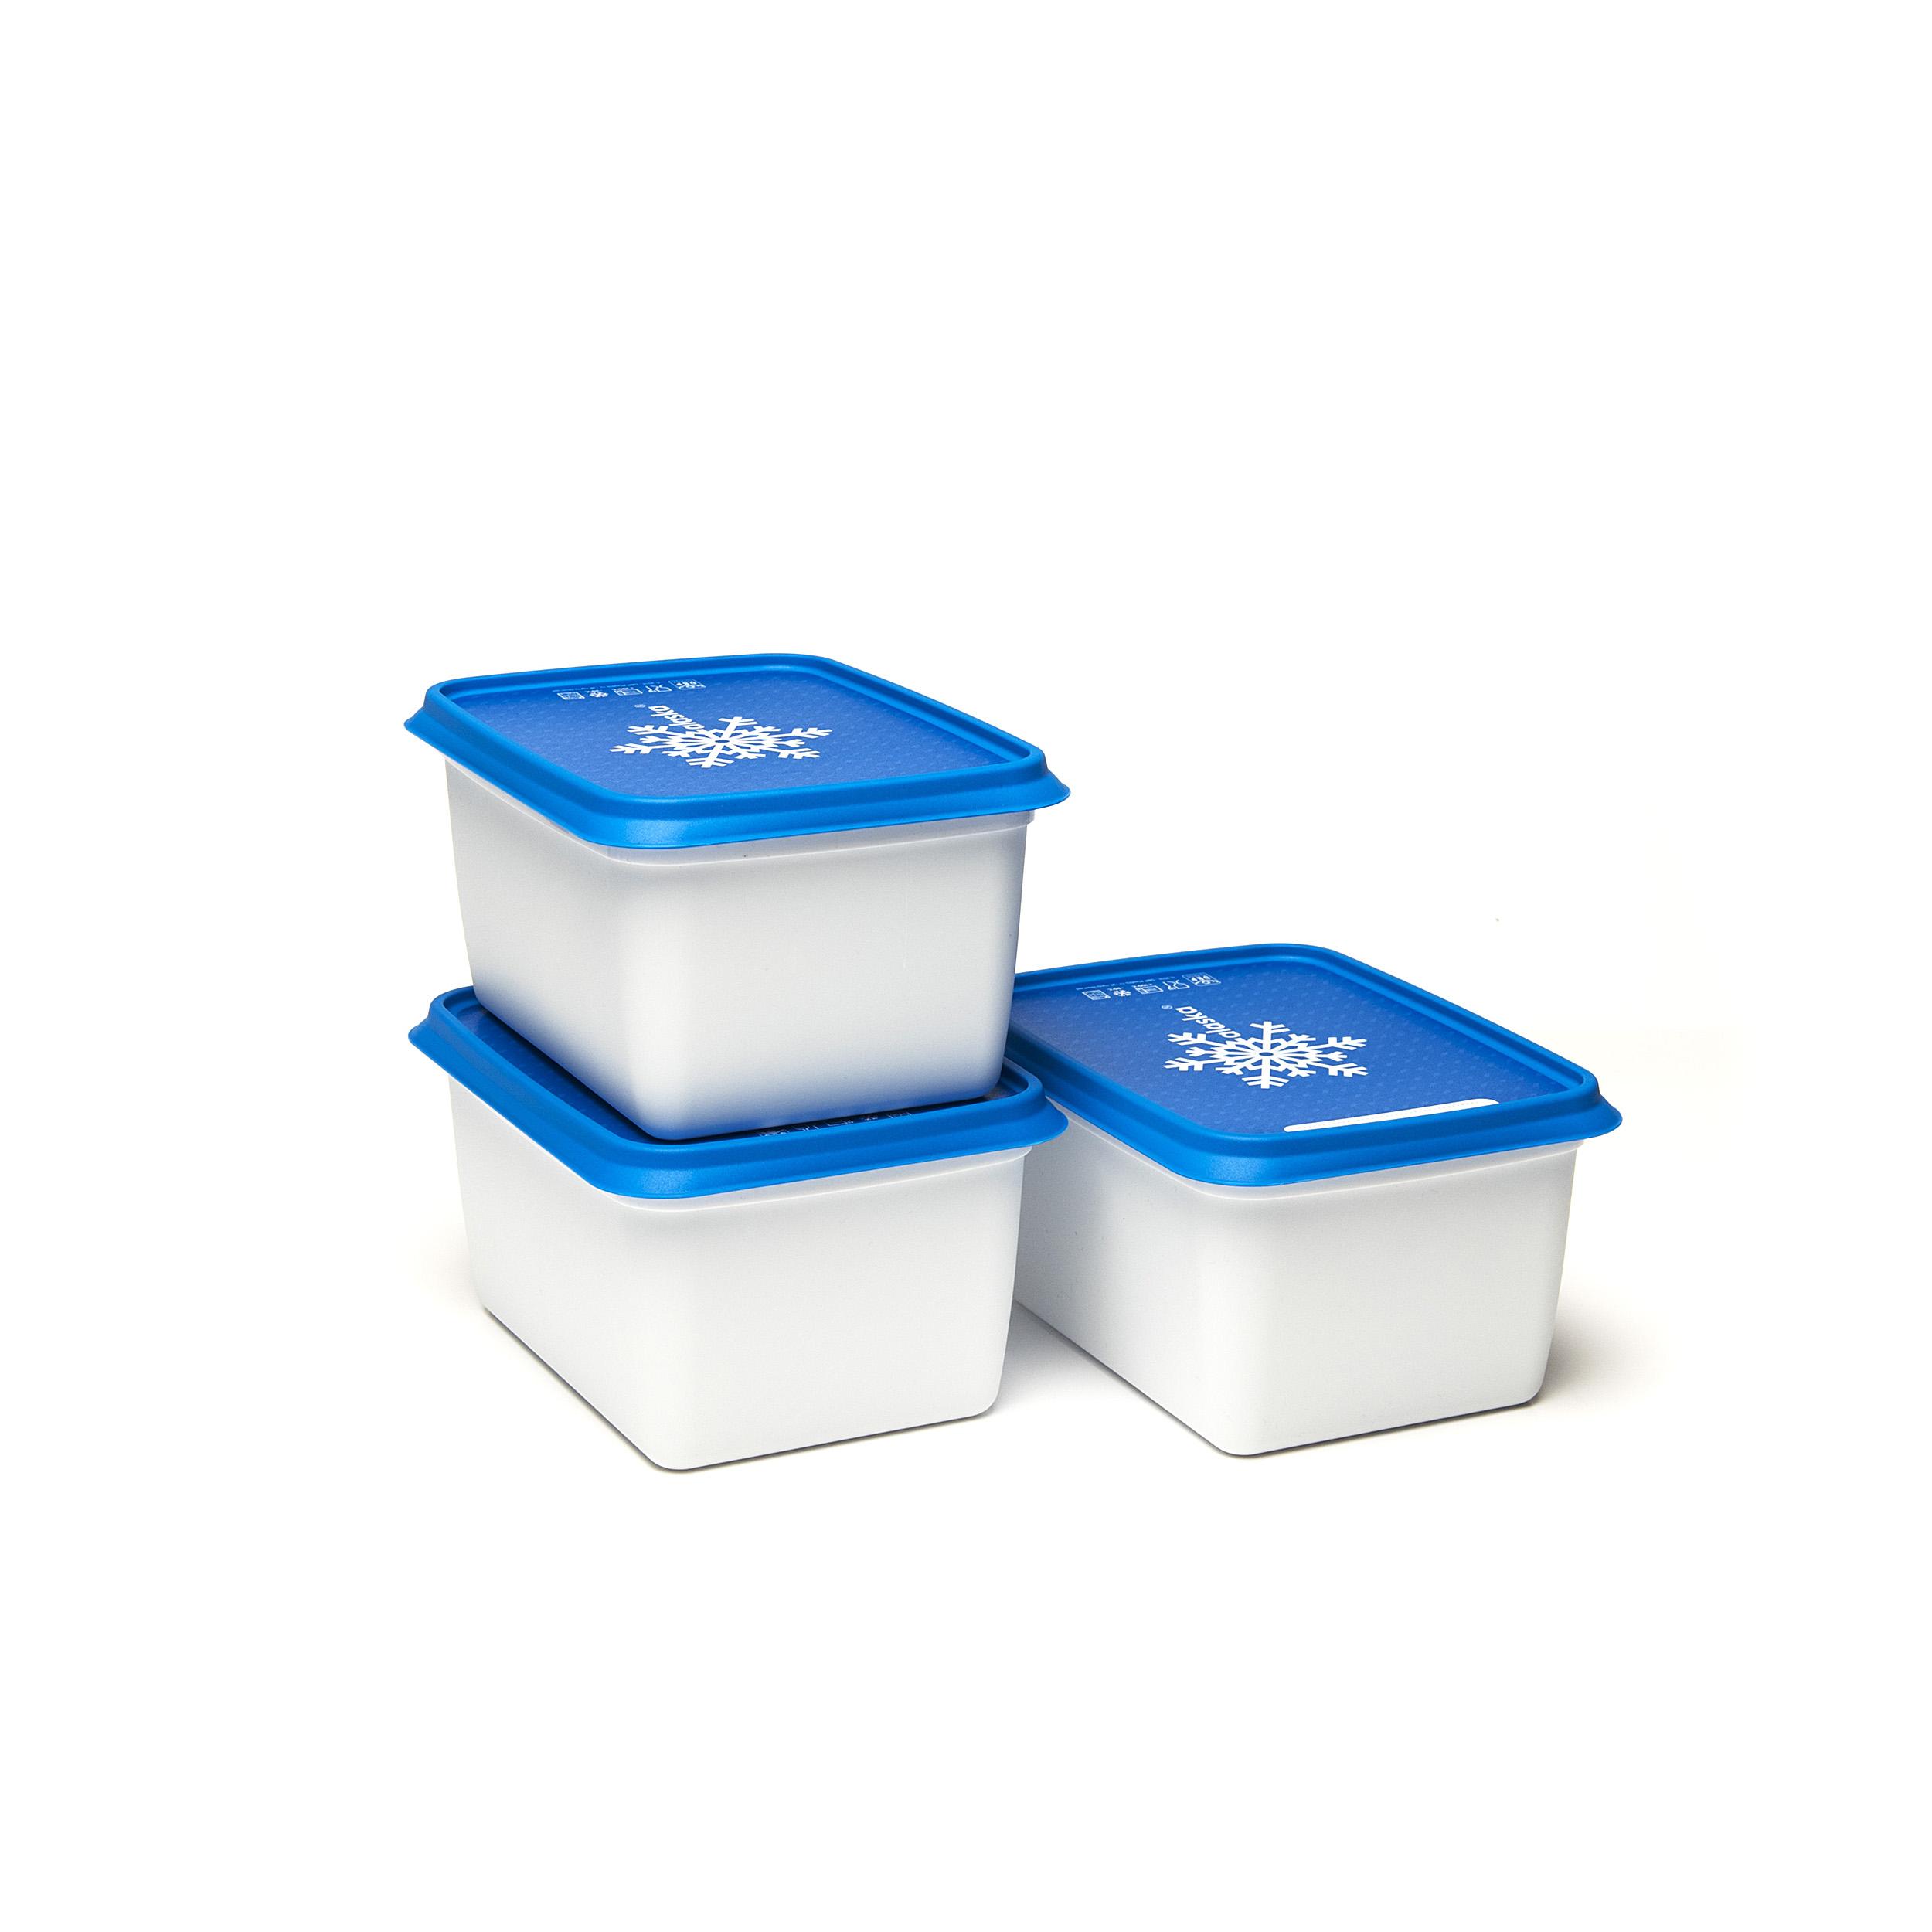 Alaska®1200ml(set1x3) - .... Got lots to freeze? Then these Alaska® freezer boxes will be a great help. They will save space in your freezer, can be stacked on top and inside each other. You can find them in every format imaginable and can easily write the contents on the outside. Dirty? Pop them in the dishwasher and they will be as good as new. .. Beaucoup d'aliments à congeler ? Ces boîtes de congélation Alaska® sont faites pour cela. Elles vous font gagner de la place dans votre congélateur, sont empilables mais aussi emboîtables. Disponibles dans tous les formats imaginables, on peut aussi y mentionner le contenu facilement. Sales ? Mettez-les dans le lave-vaisselle et elles en sortiront comme neuves. .. Veel in te vriezen? Dan zijn deze Alaska®-vriesdozen jouw redder in nood. Ze besparen plek in je diepvriezer, zijn stapelbaar én nestbaar. Je vindt ze in elk denkbaar formaat en schrijft er vlotjes de inhoud op. Vuil? Stop ze in de vaatwasmachine en ze zijn weer als nieuw. .. Sie haben viel zum Einfrieren? Dann sind diese Alaska®-Tiefkühlbehälter Ihr Retter in der Not. Sie sparen Platz im Tiefkühlschrank, sind stapel- und schachtelbar. Es gibt sie in jedem denkbaren Format und sie lassen sich leicht beschriften. Schmutzig? Geben Sie sie in die Spülmaschine und sie sind wieder wie neu. ....